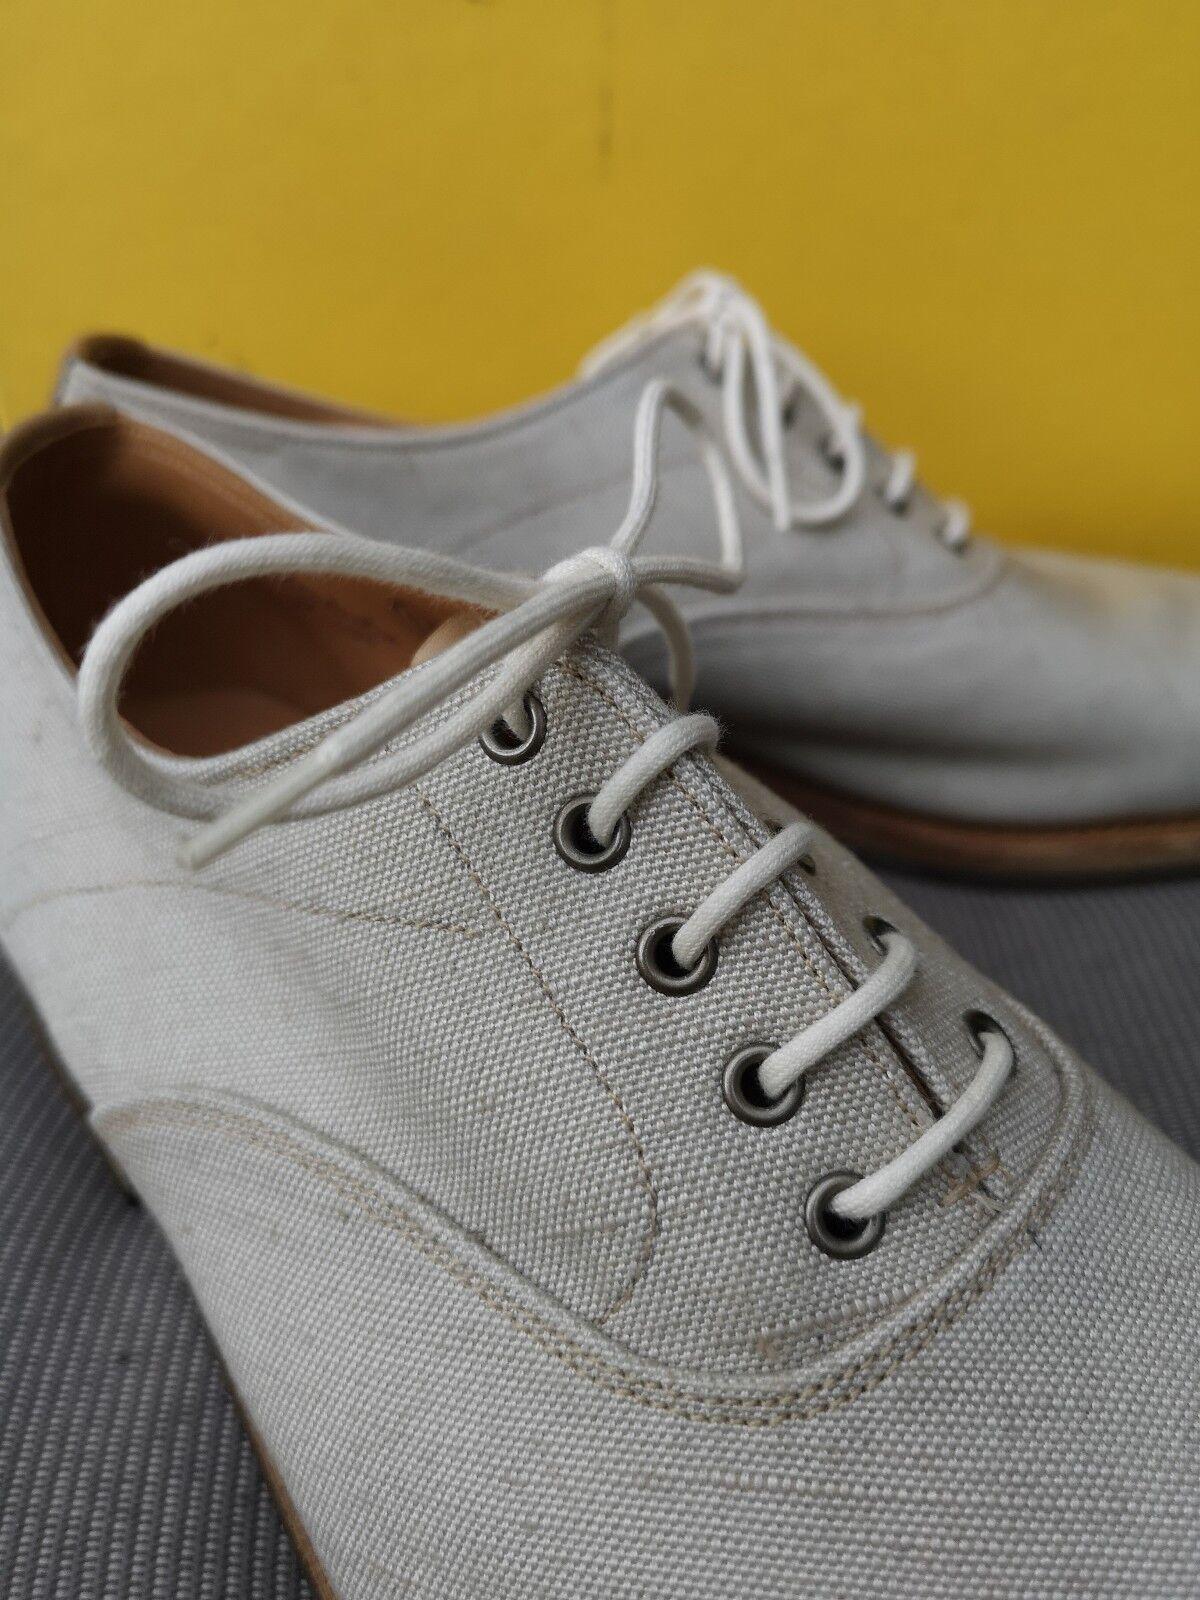 Zapatos casuales salvajes John Lobb Medbourne Zapatos para hombre Talla 7E, exterior de lona, cuero forrados, hecho a mano